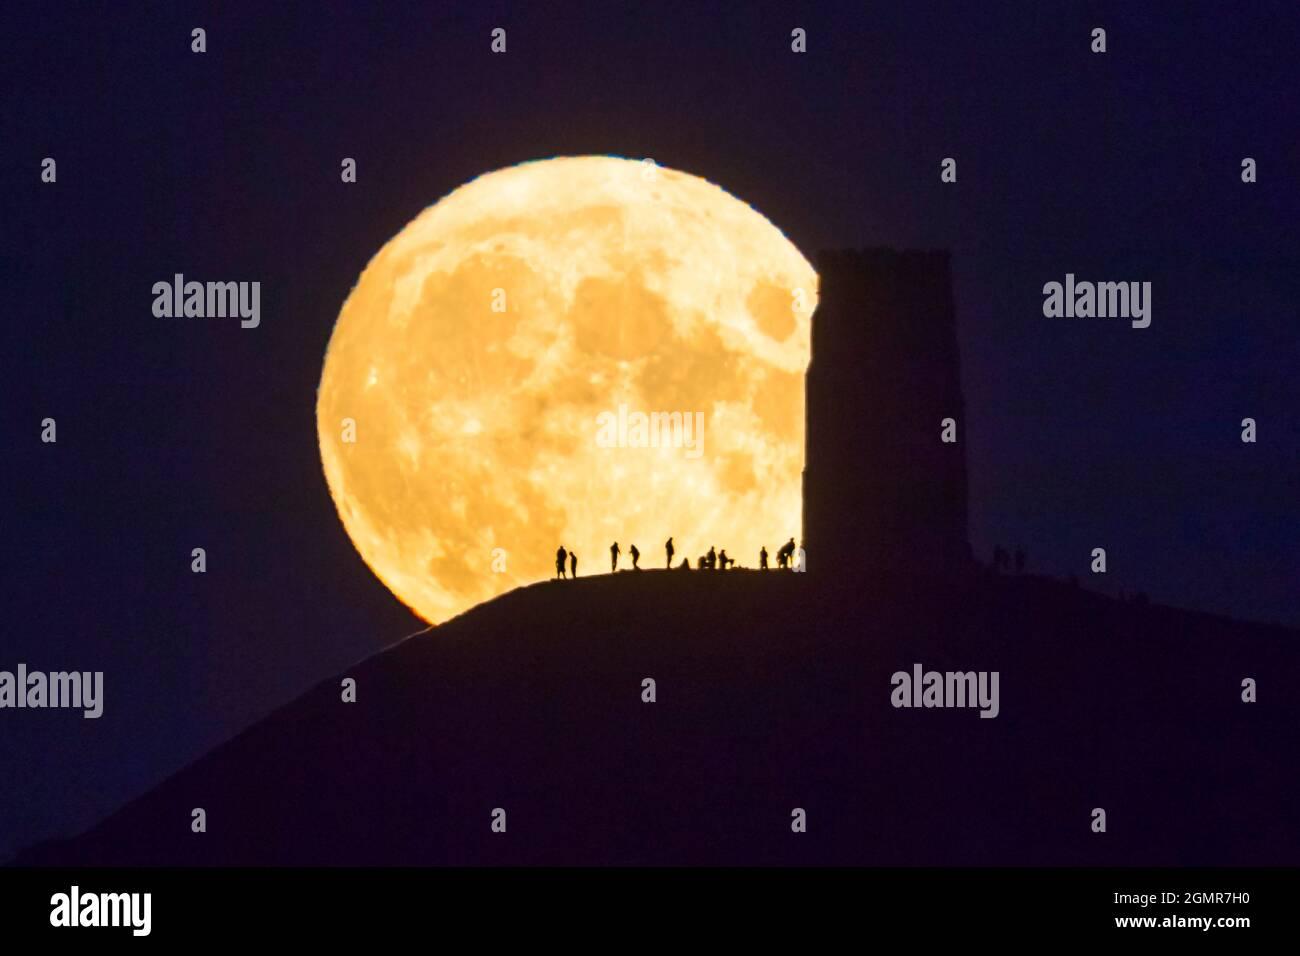 Glastonbury, Somerset, Großbritannien. September 2021. Wetter in Großbritannien. Der volle Harvest Moon steigt hinter dem St. Michael's Tower am Glastonbury Tor in Somerset in den klaren Nachthimmel auf und macht die Menschen auf dem Gipfel sichtbar. Bildnachweis: Graham Hunt/Alamy Live News Stockfoto